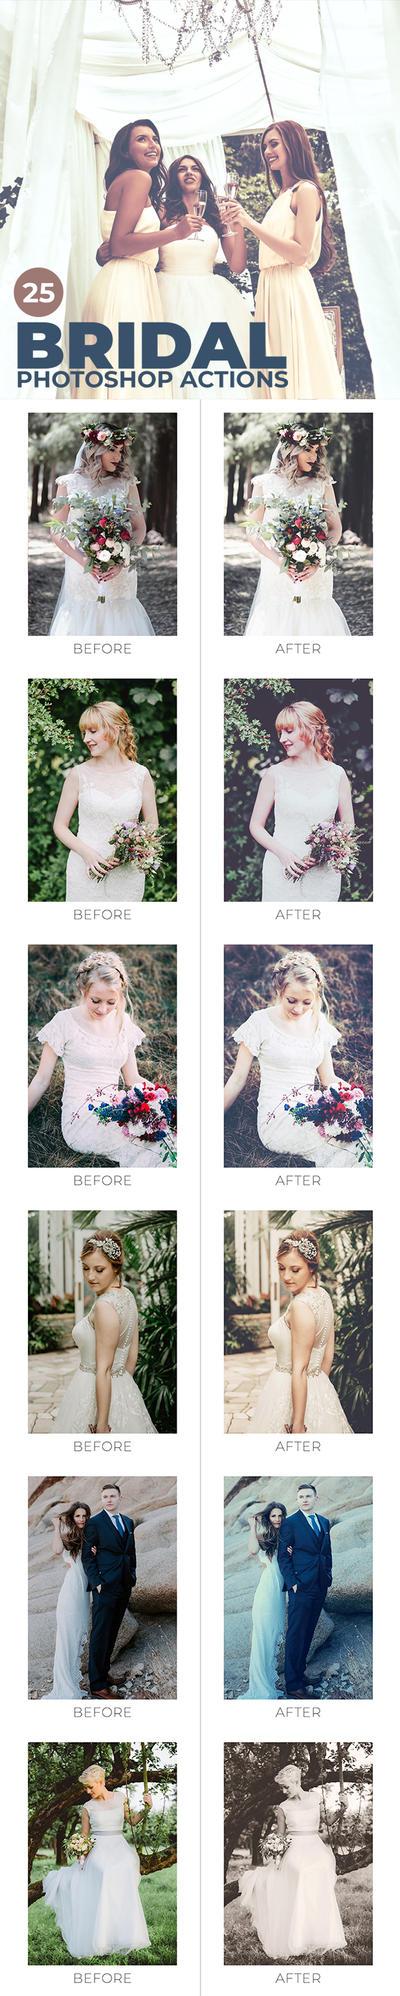 25 Bridal Photoshop Actions by sharonovKira